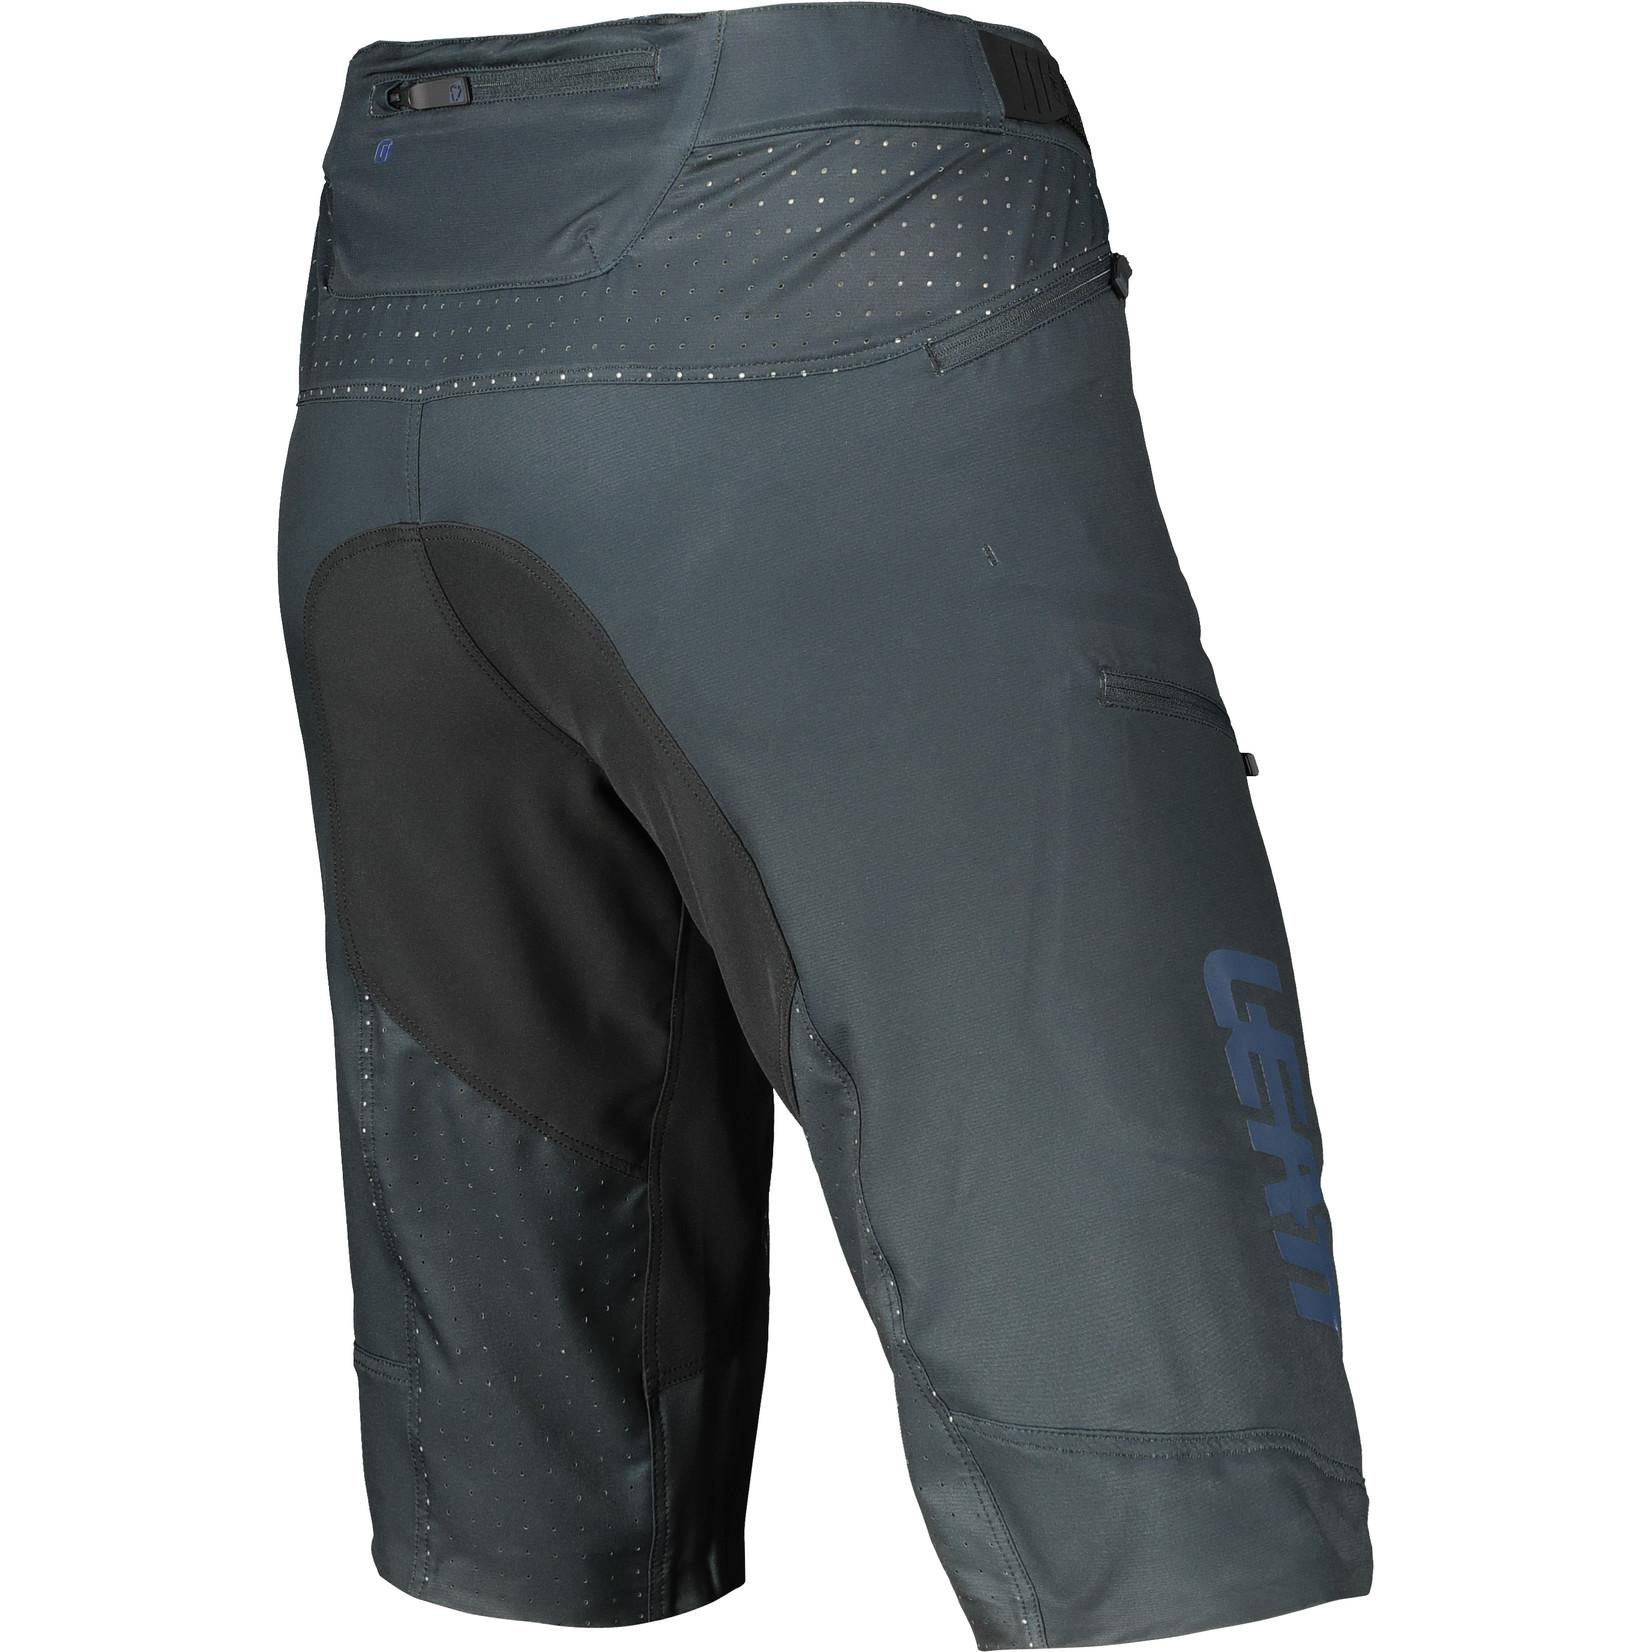 Leatt MTB Shorts 3.0